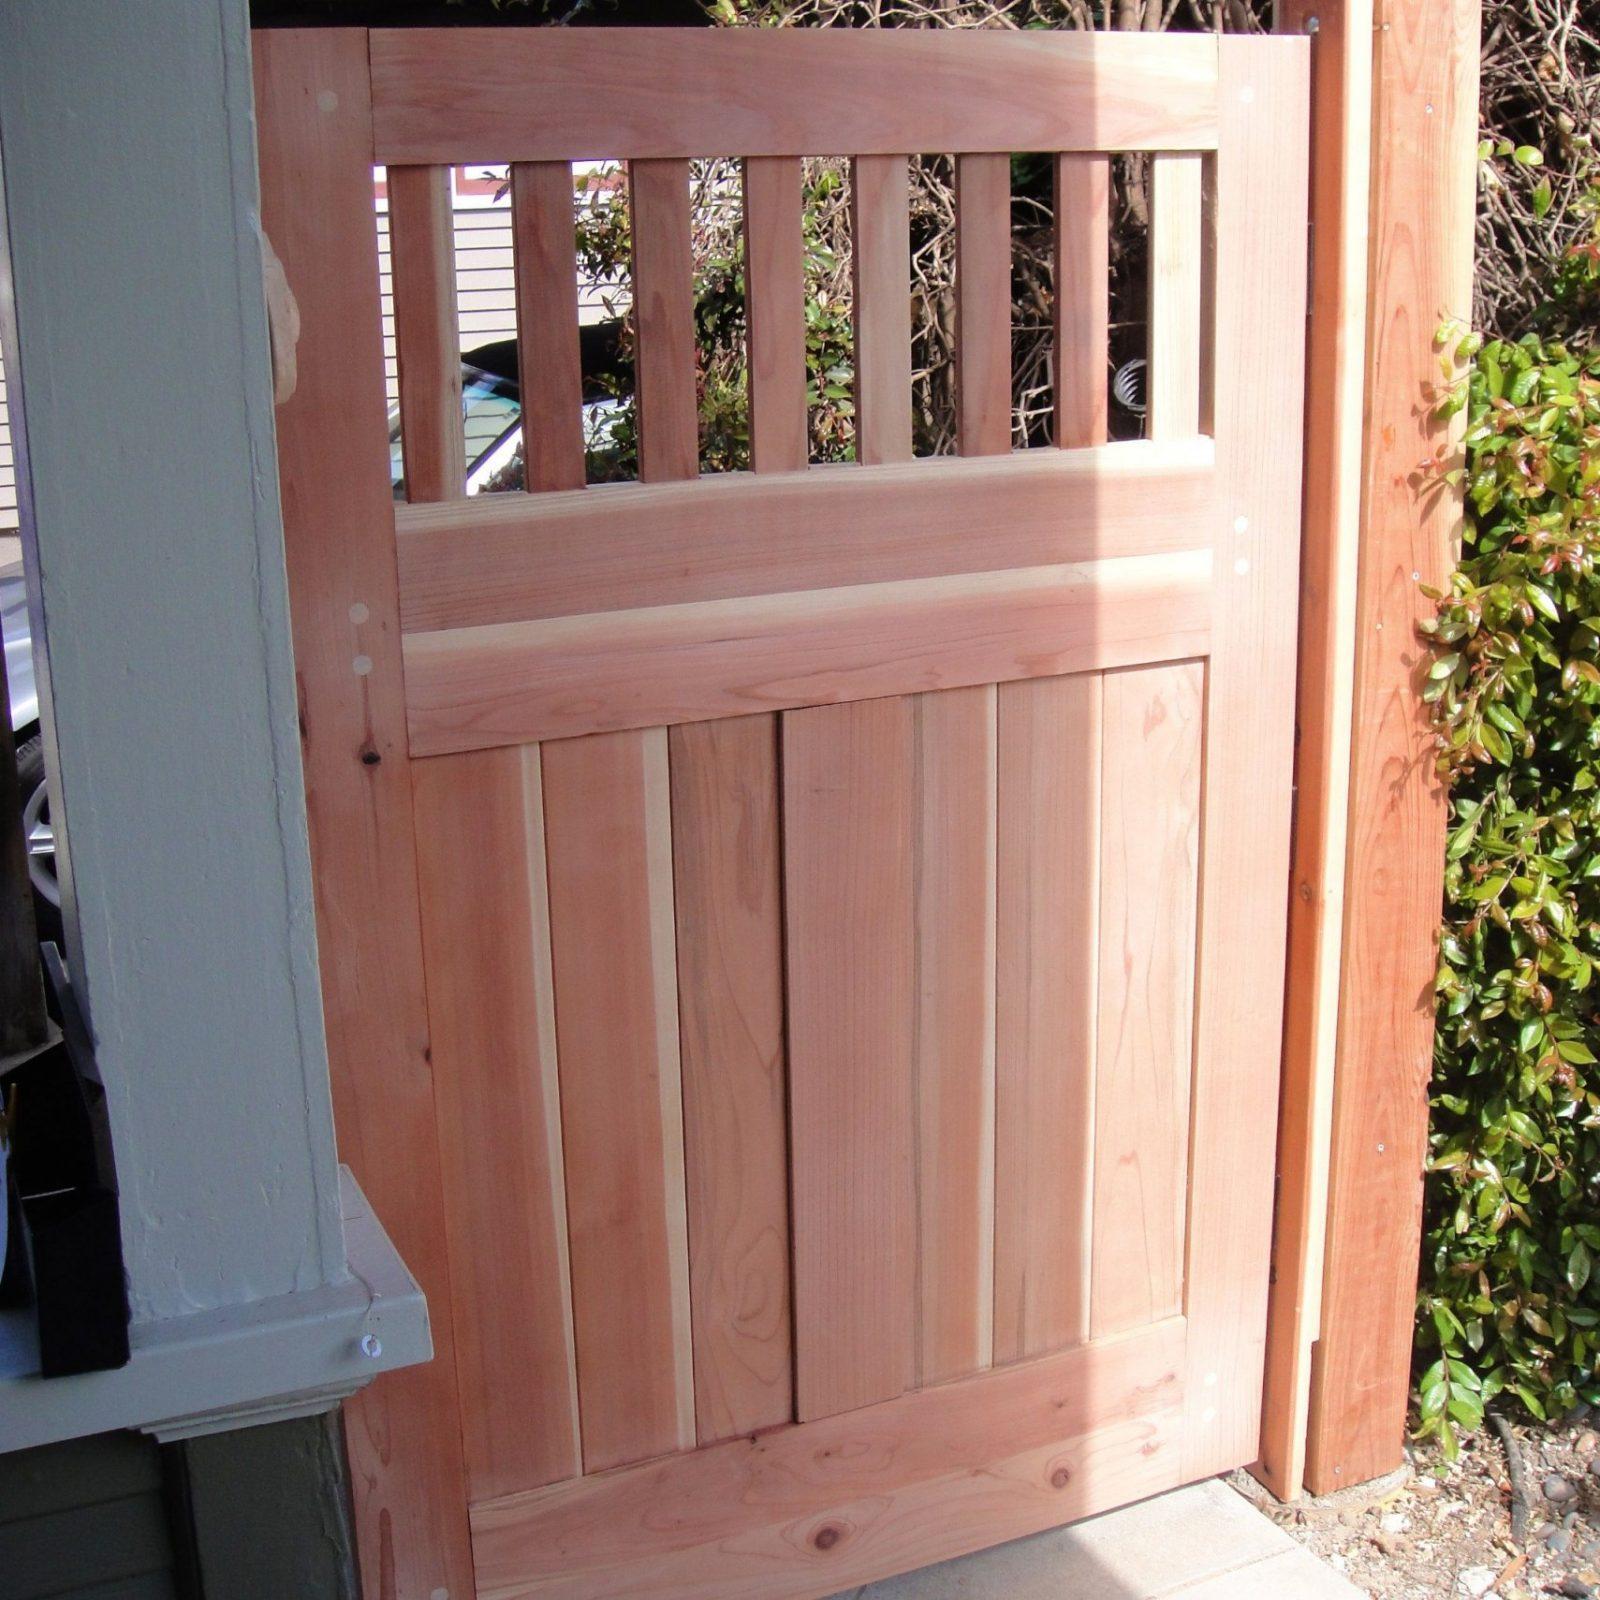 Gartentor Selber Bauen Mit Dieser Bauanleitung Bauen Sie Ein von Gartentor Holz Selber Bauen Bild